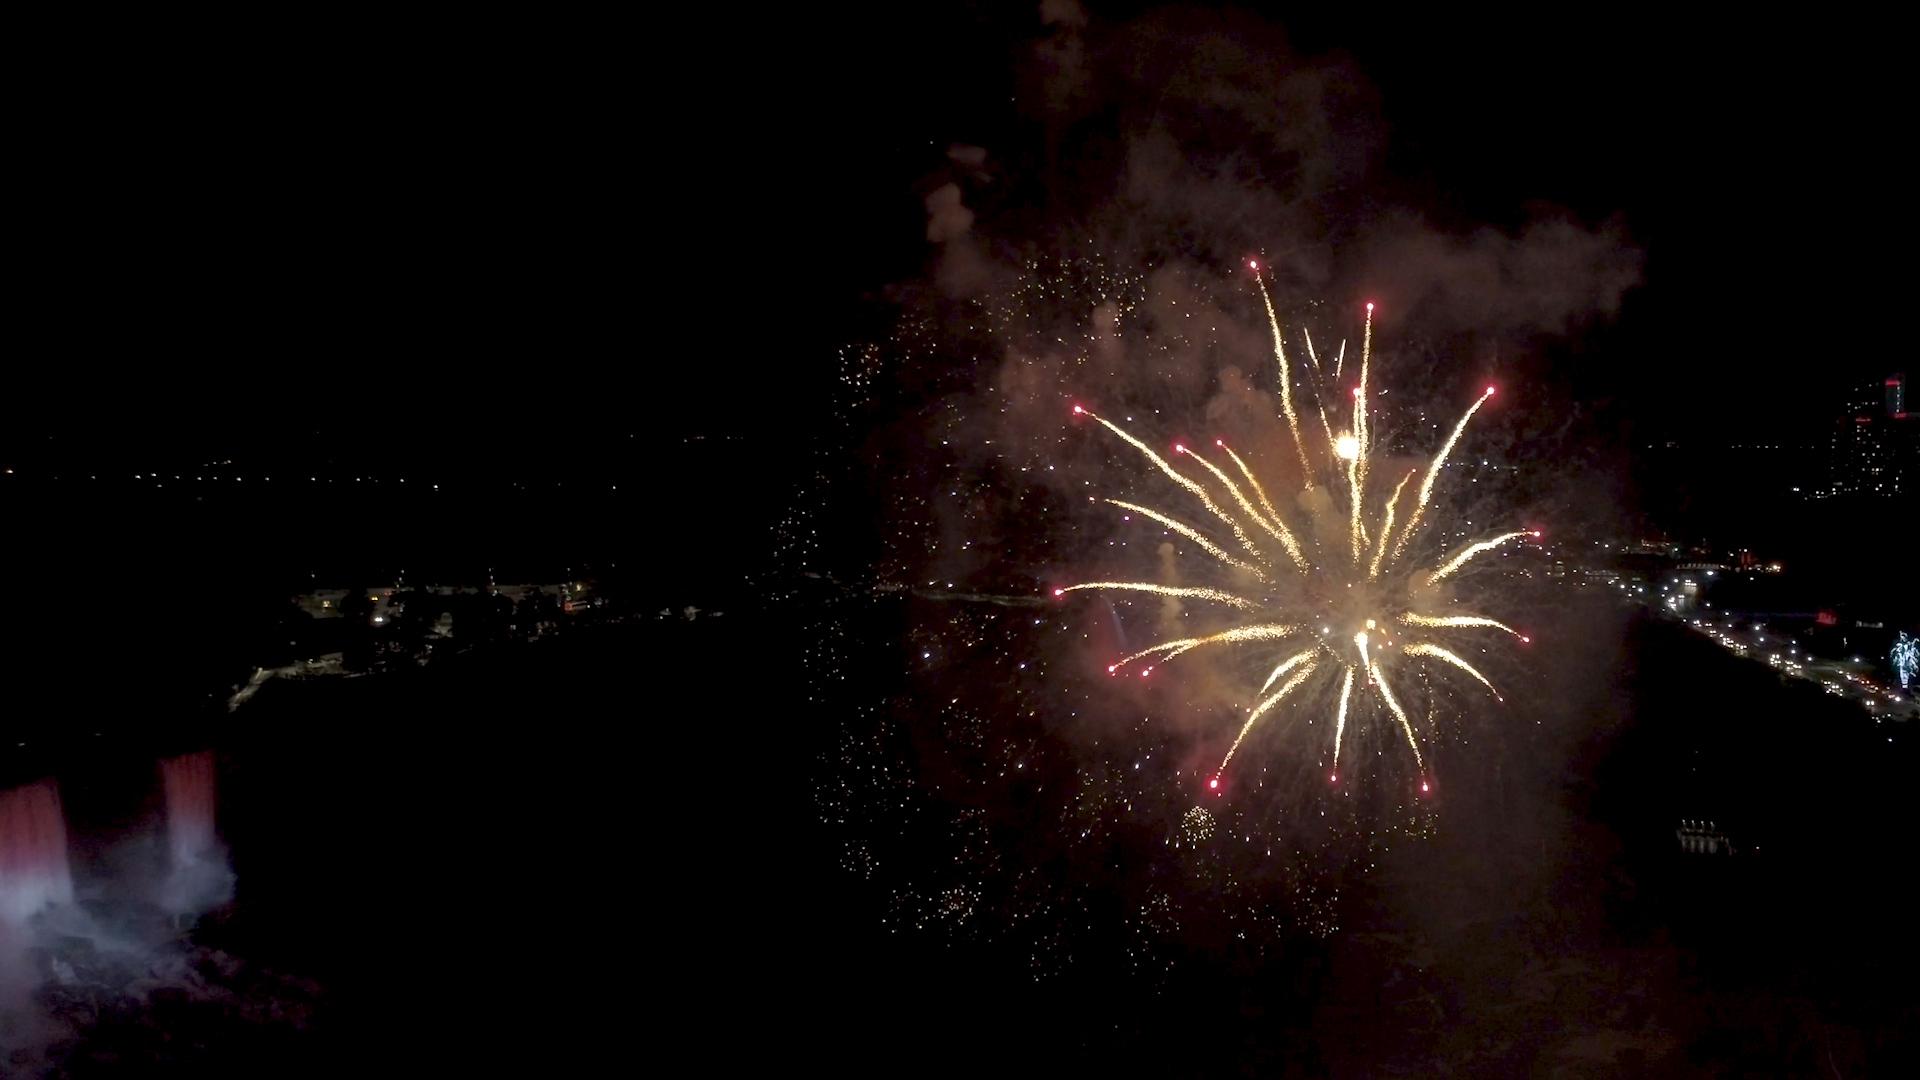 Niagara Falls Fireworks - Schedule, Parking, Best Views